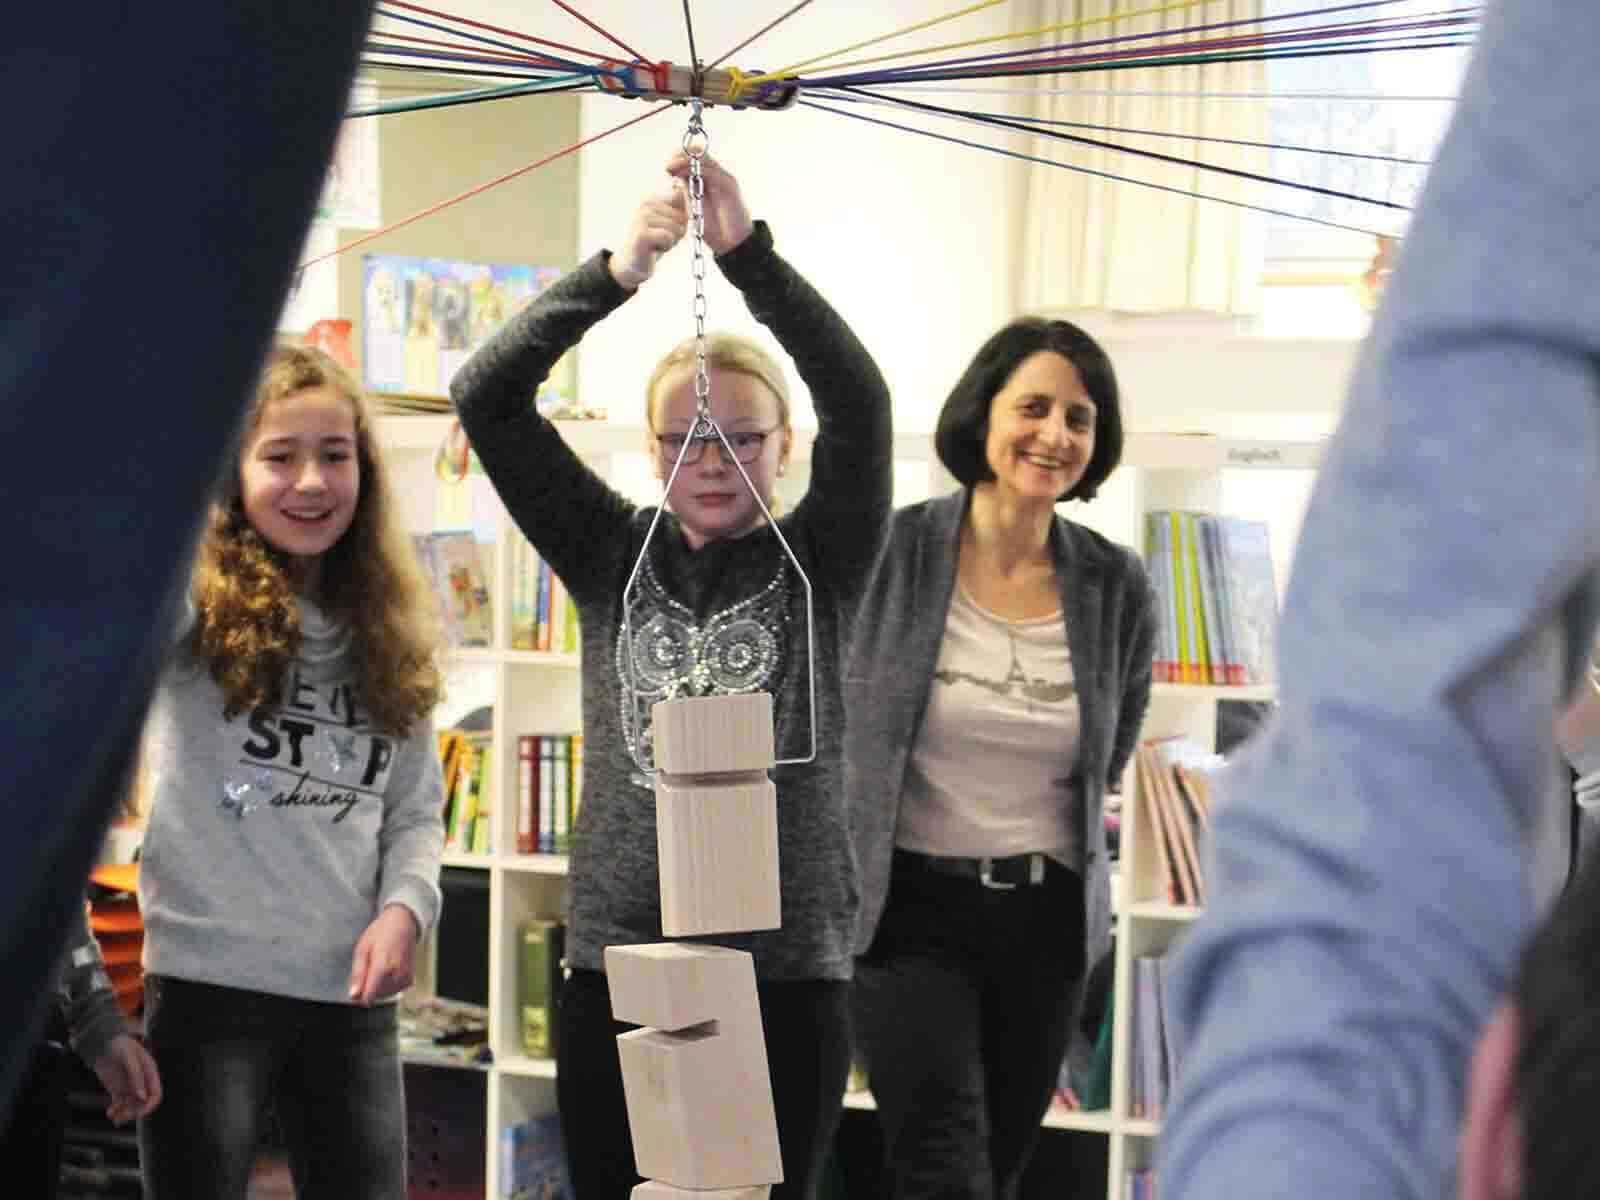 Andrea Janshen von den Sparkassenstiftungen Zukunft (re.) beobachtet die Schülerinnen und Schüler gespannt.